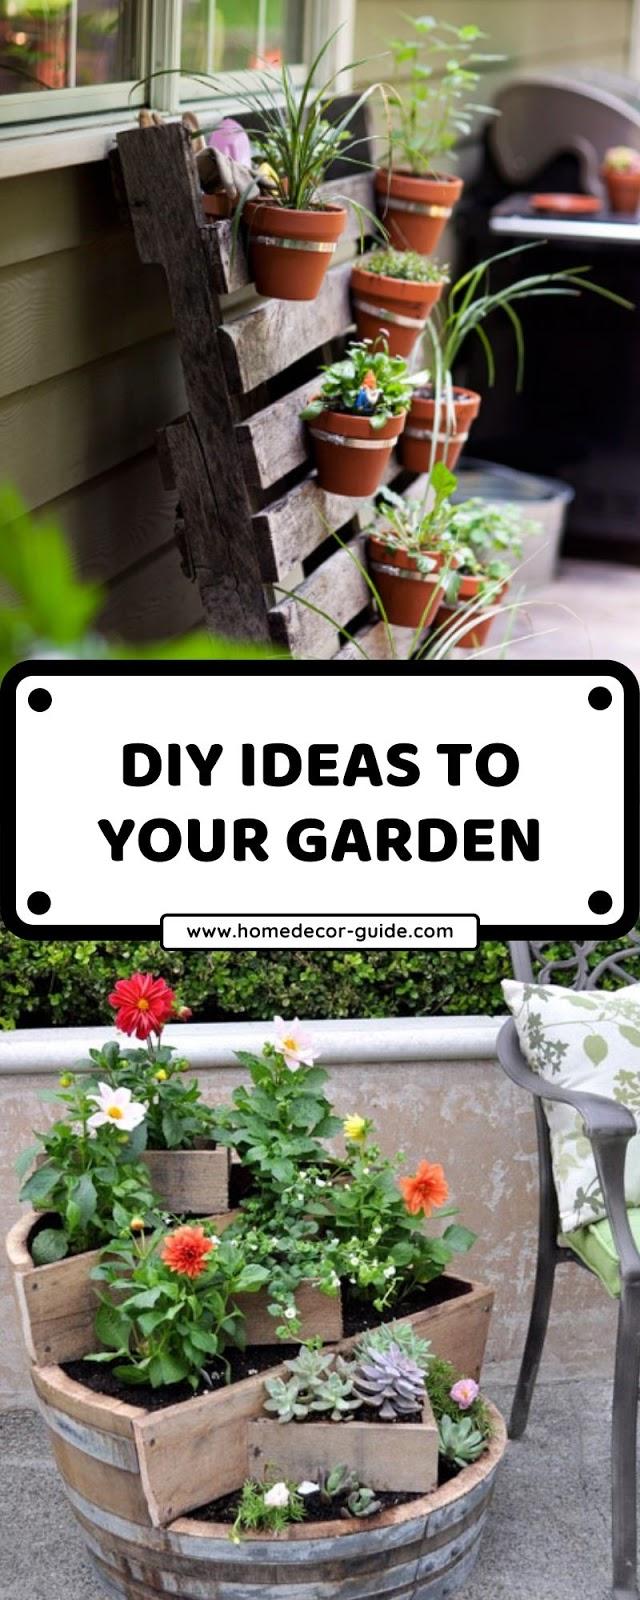 DIY IDEAS TO YOUR GARDEN